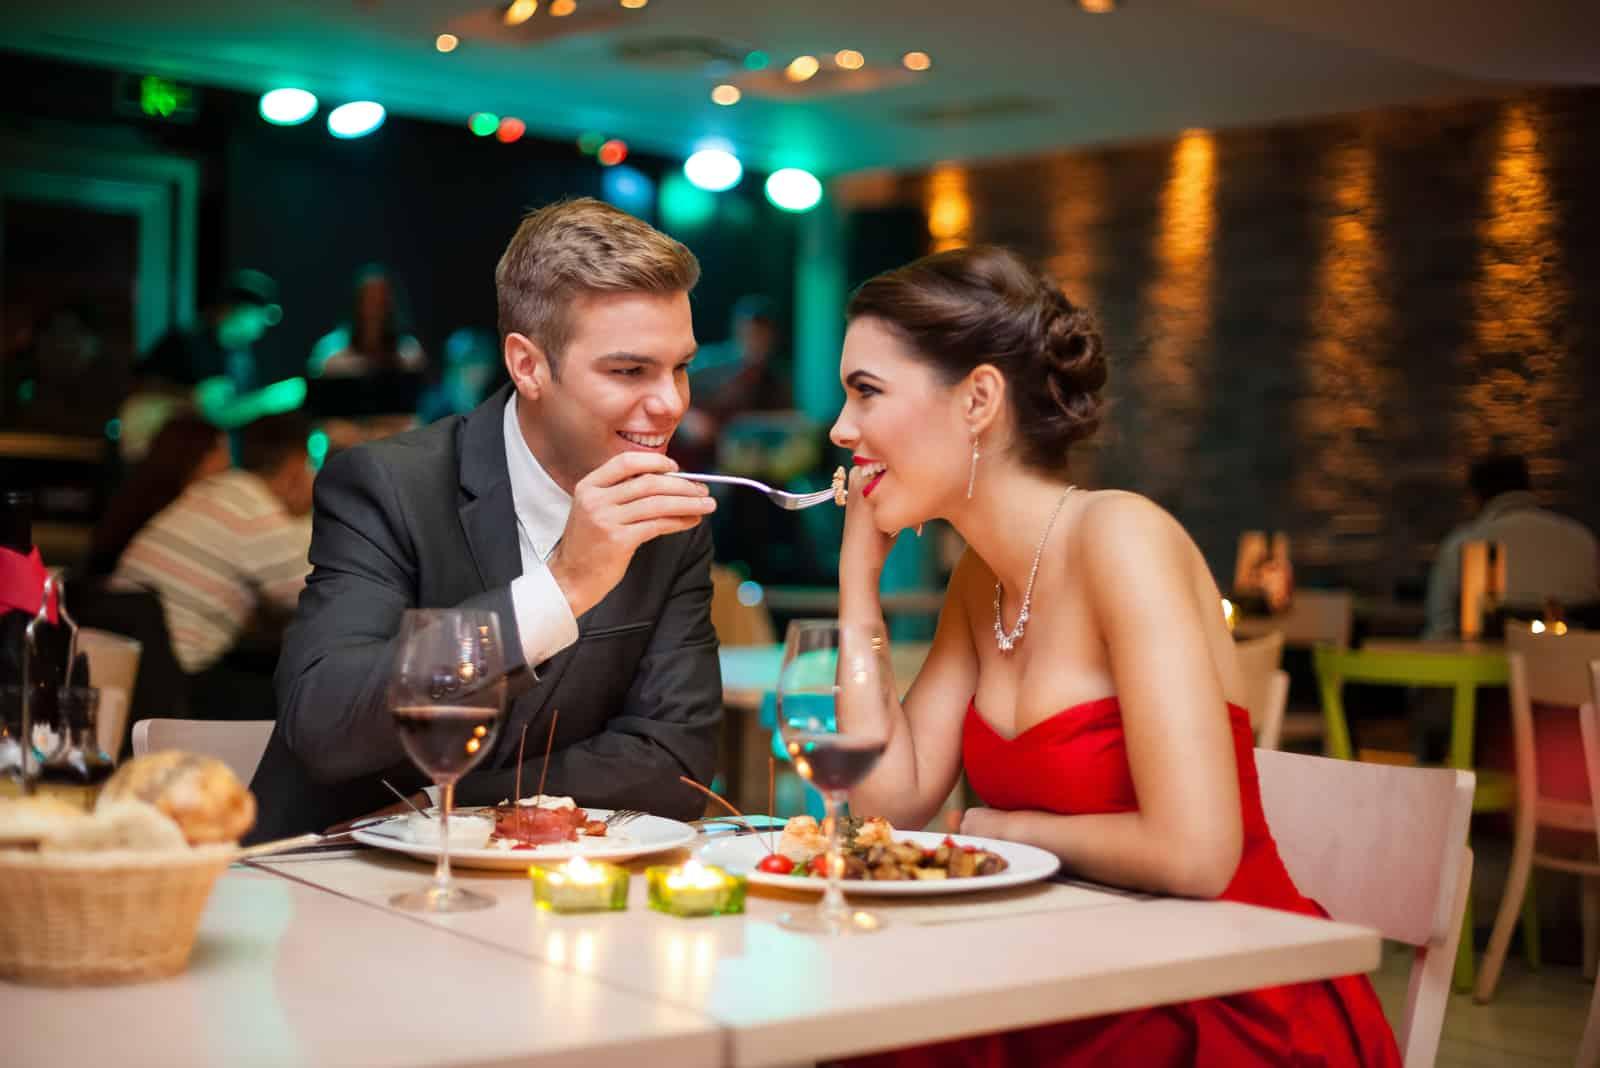 un homme et une femme sont sortis dîner